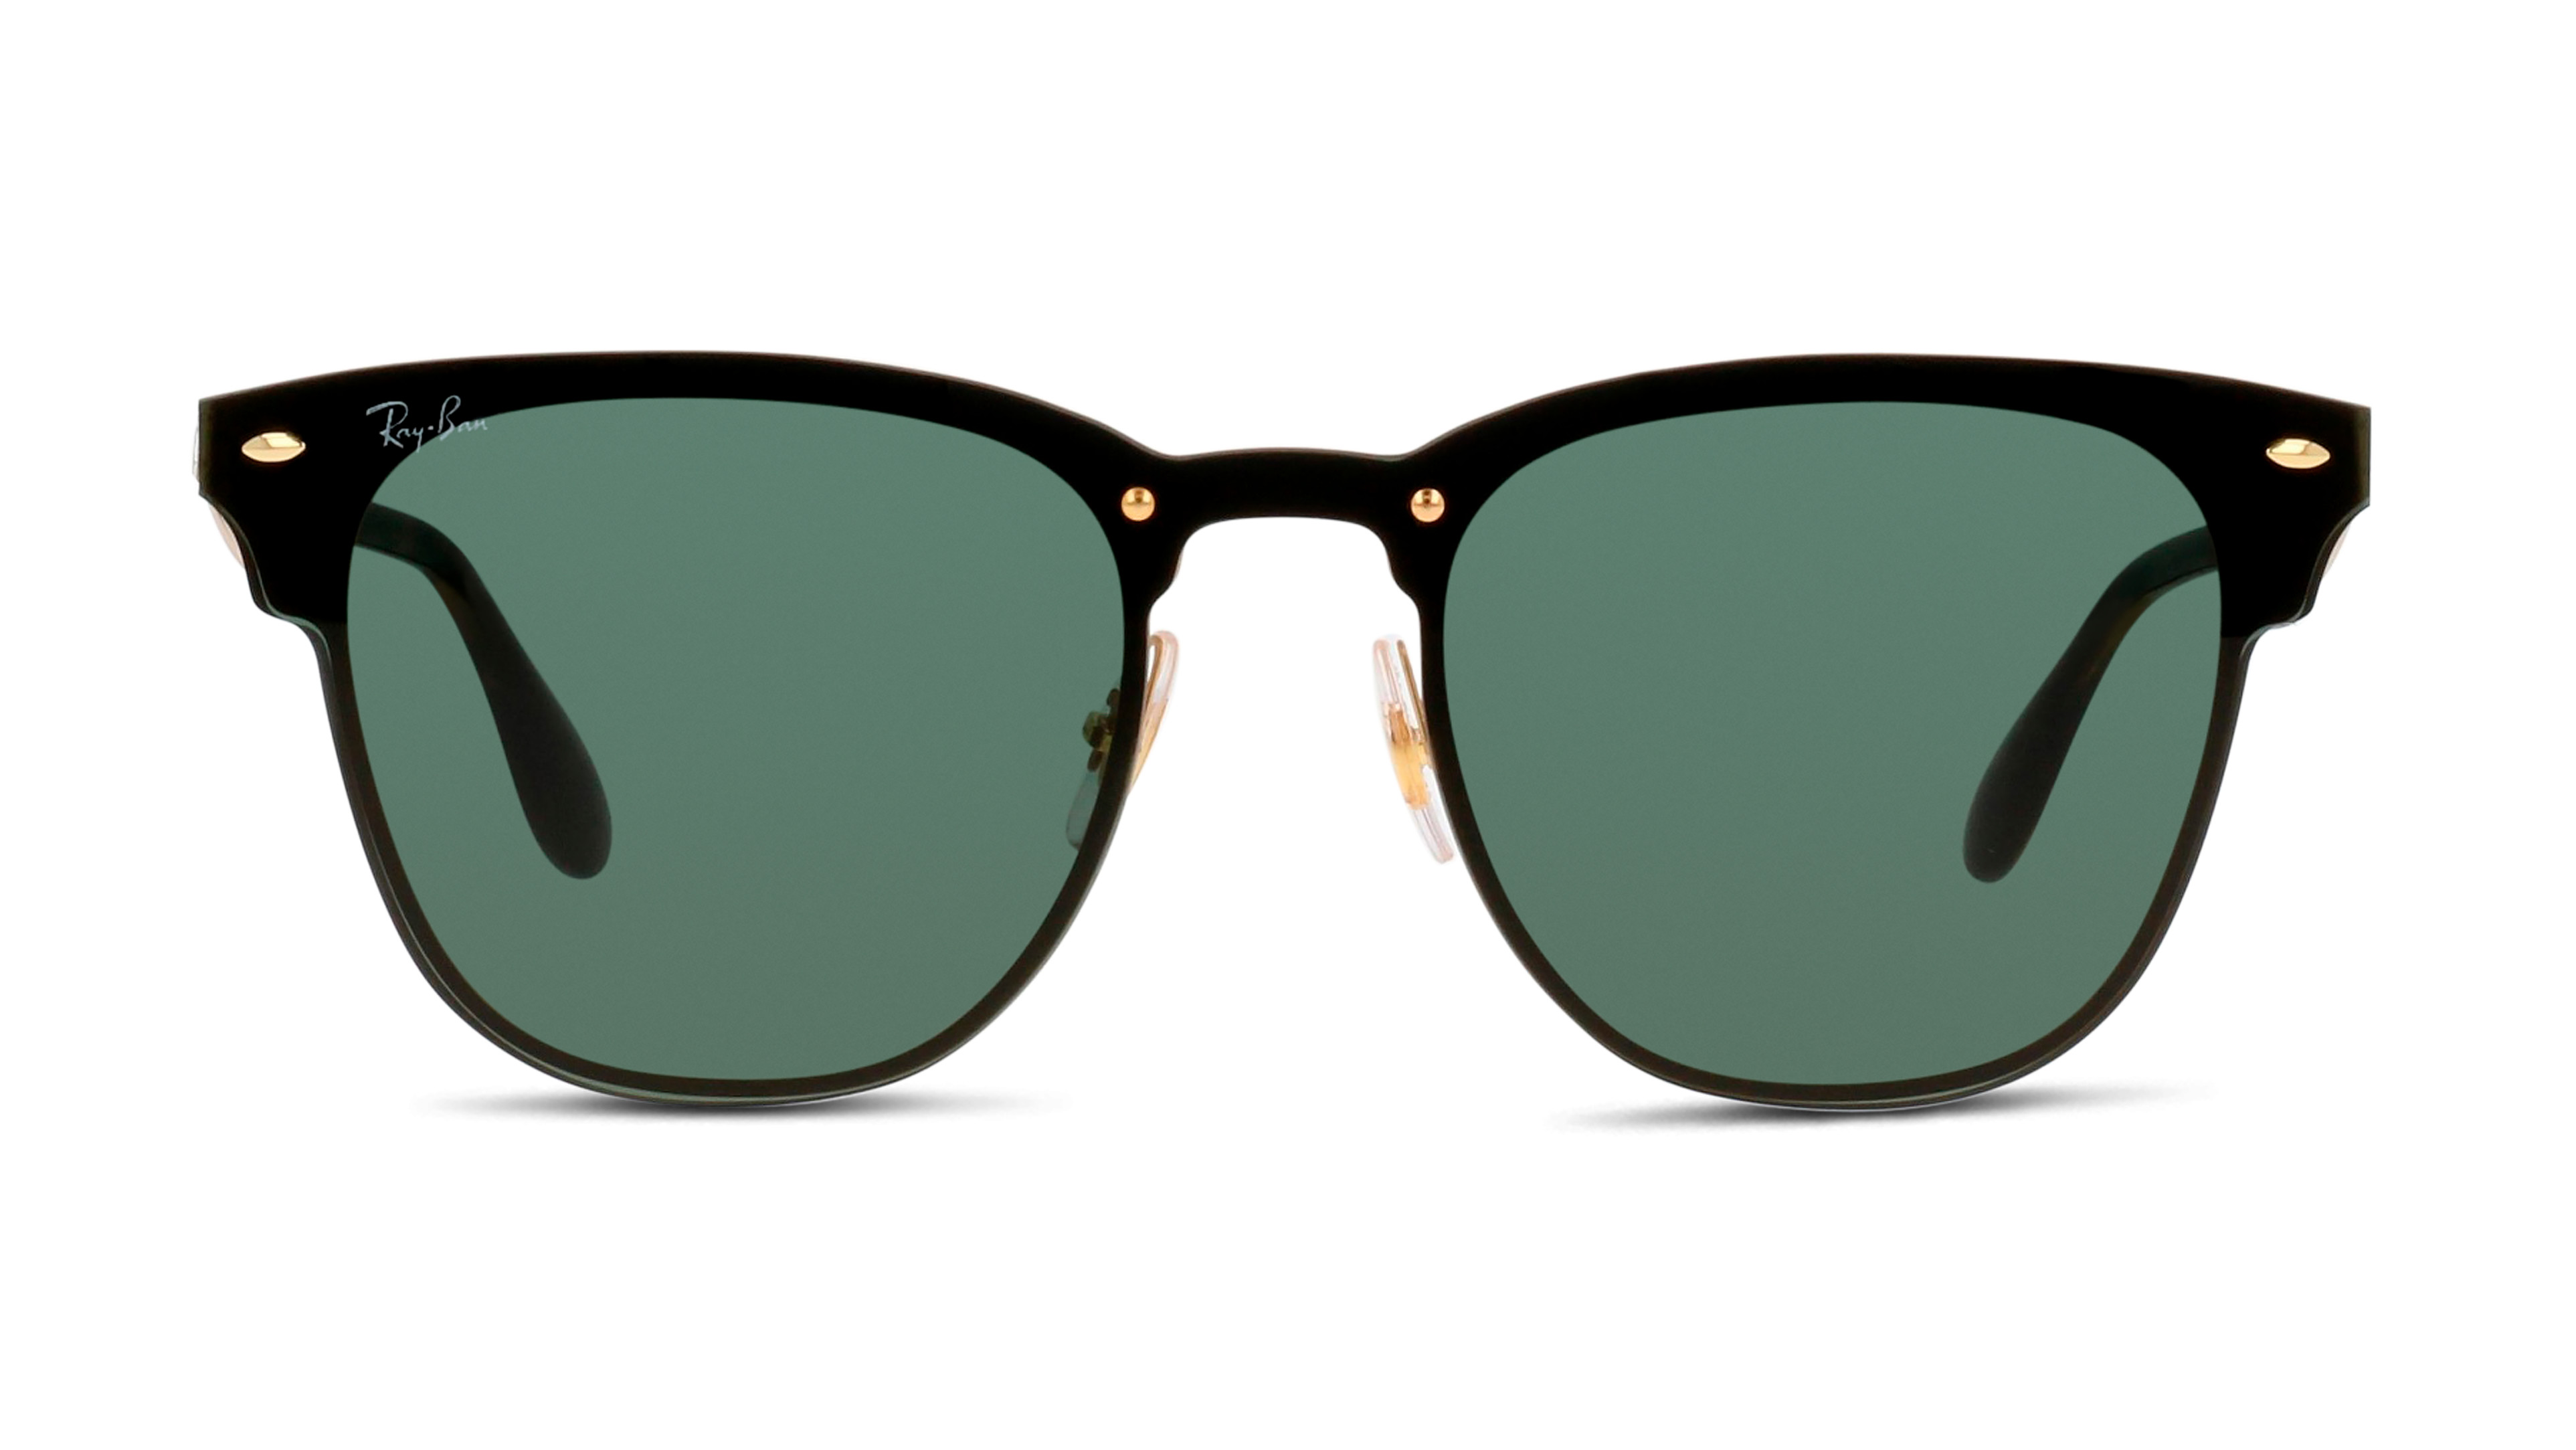 8053672763140-front-01-rayban-glasses-eyewear-pair